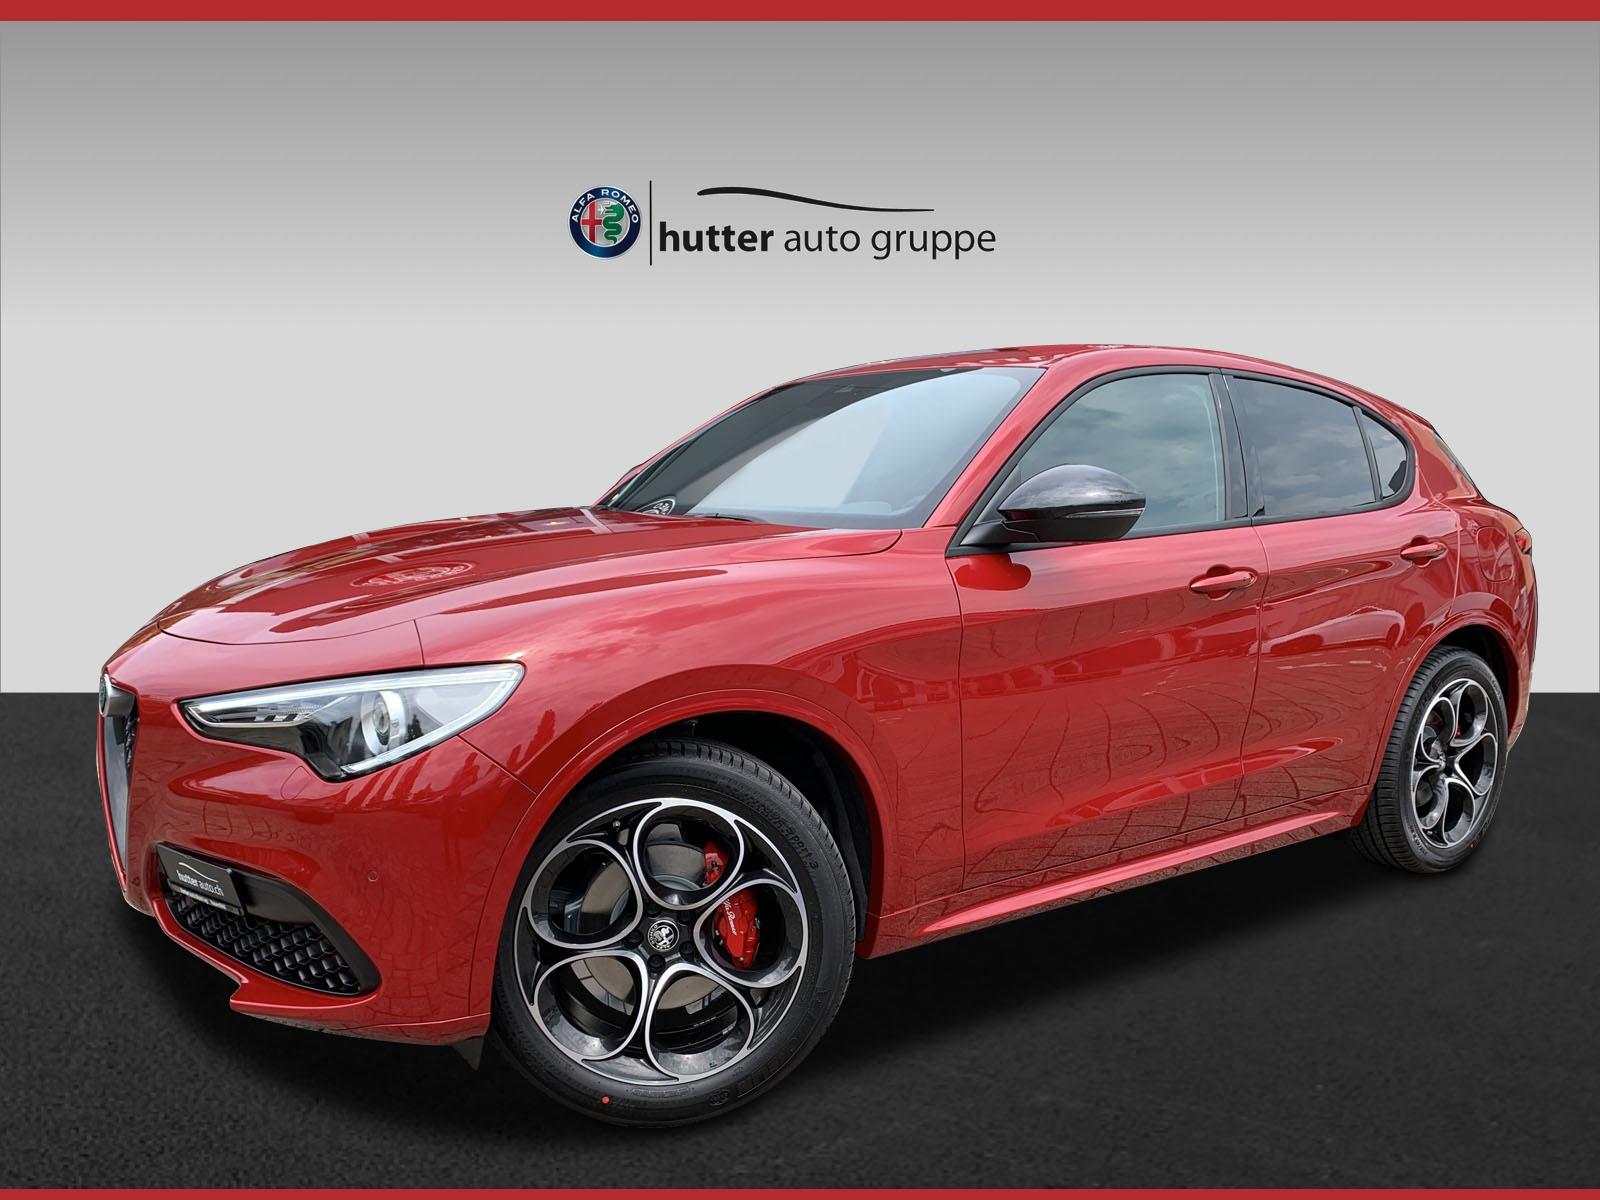 Auto Nuova Suv Alfa Romeo Stelvio 2 0 Q4 Veloce 50 Km Per 61888 Chf Acquistare Su Carforyou Ch